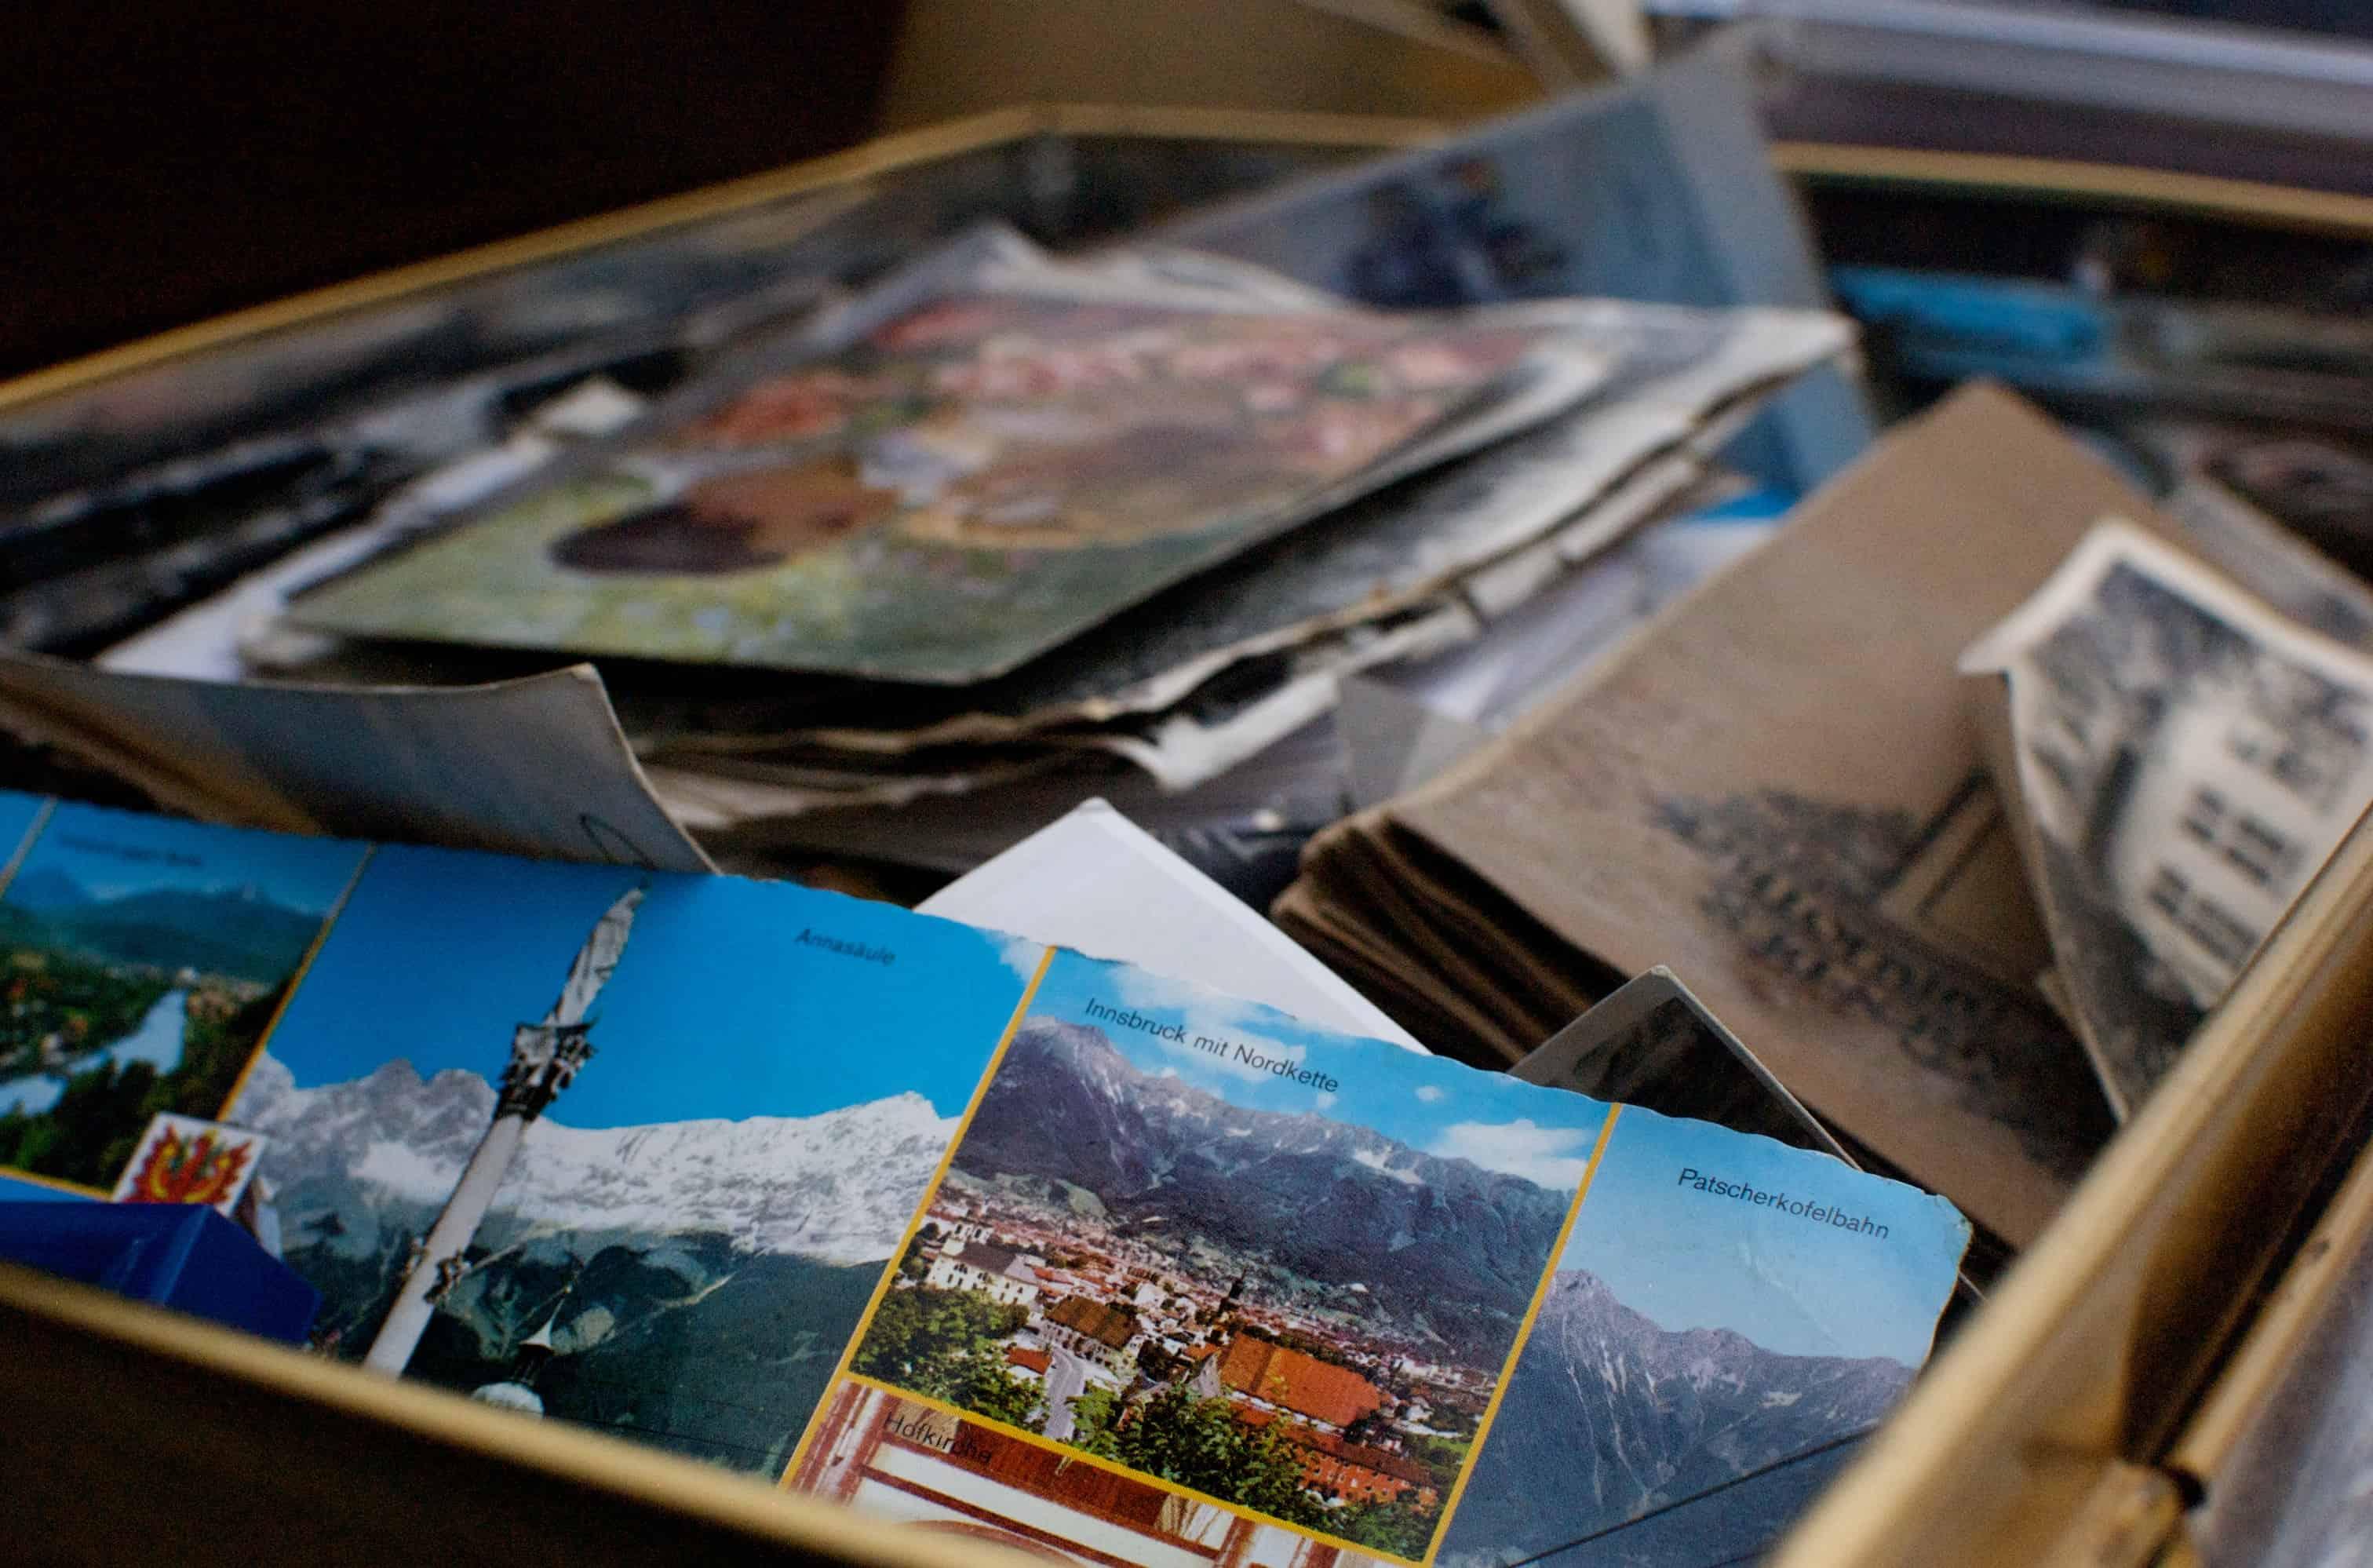 Fotos digitalisieren: Die wichtigsten Fragen und Antworten